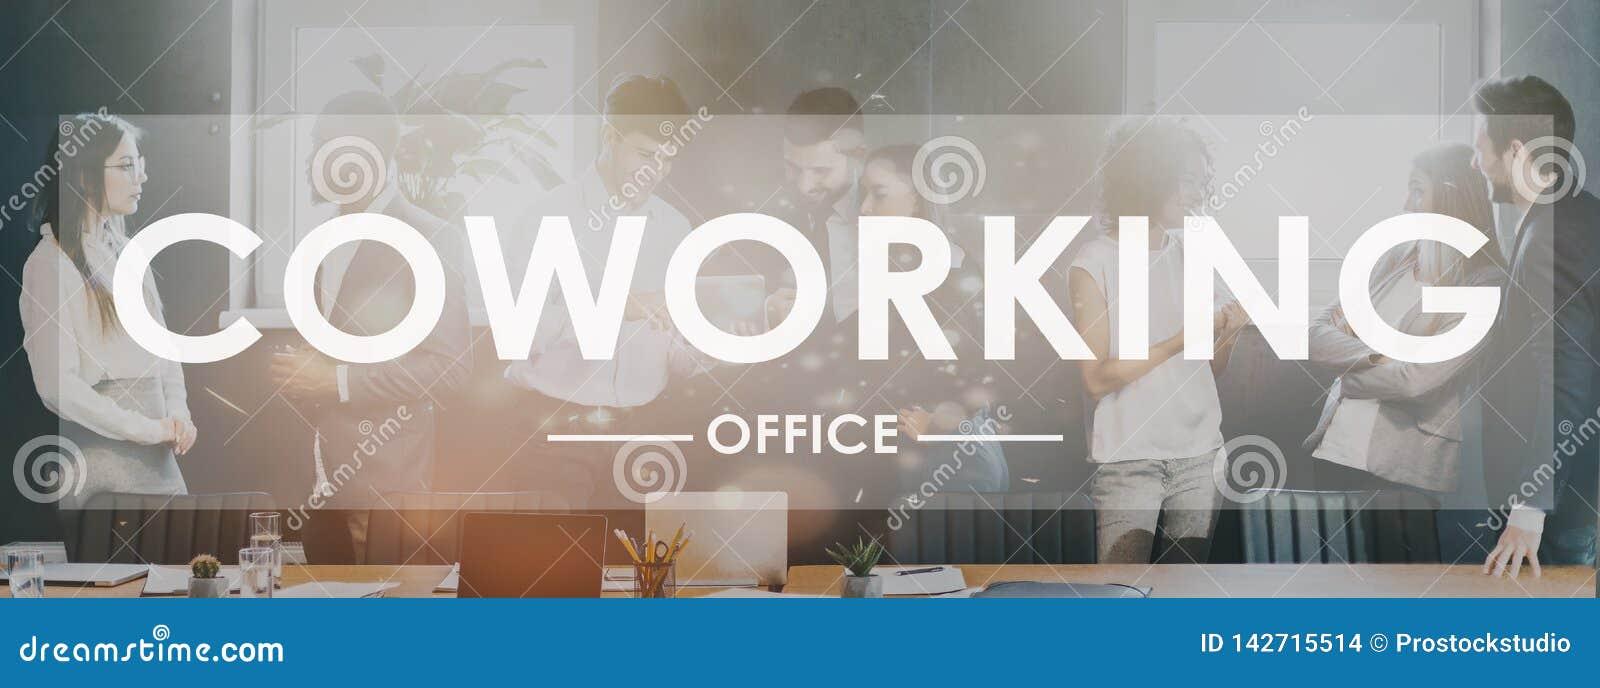 Coworking词 同事谈论工作在办公室